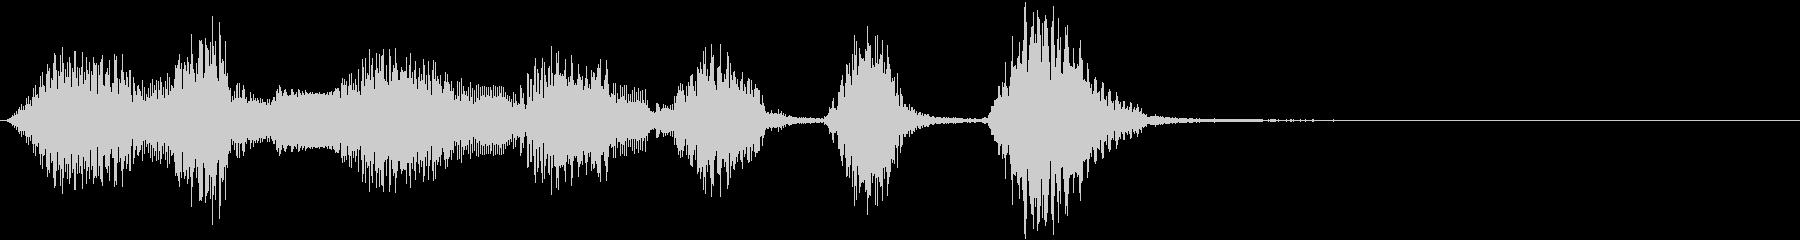 アコーデオン:短い音楽アクセント、...の未再生の波形